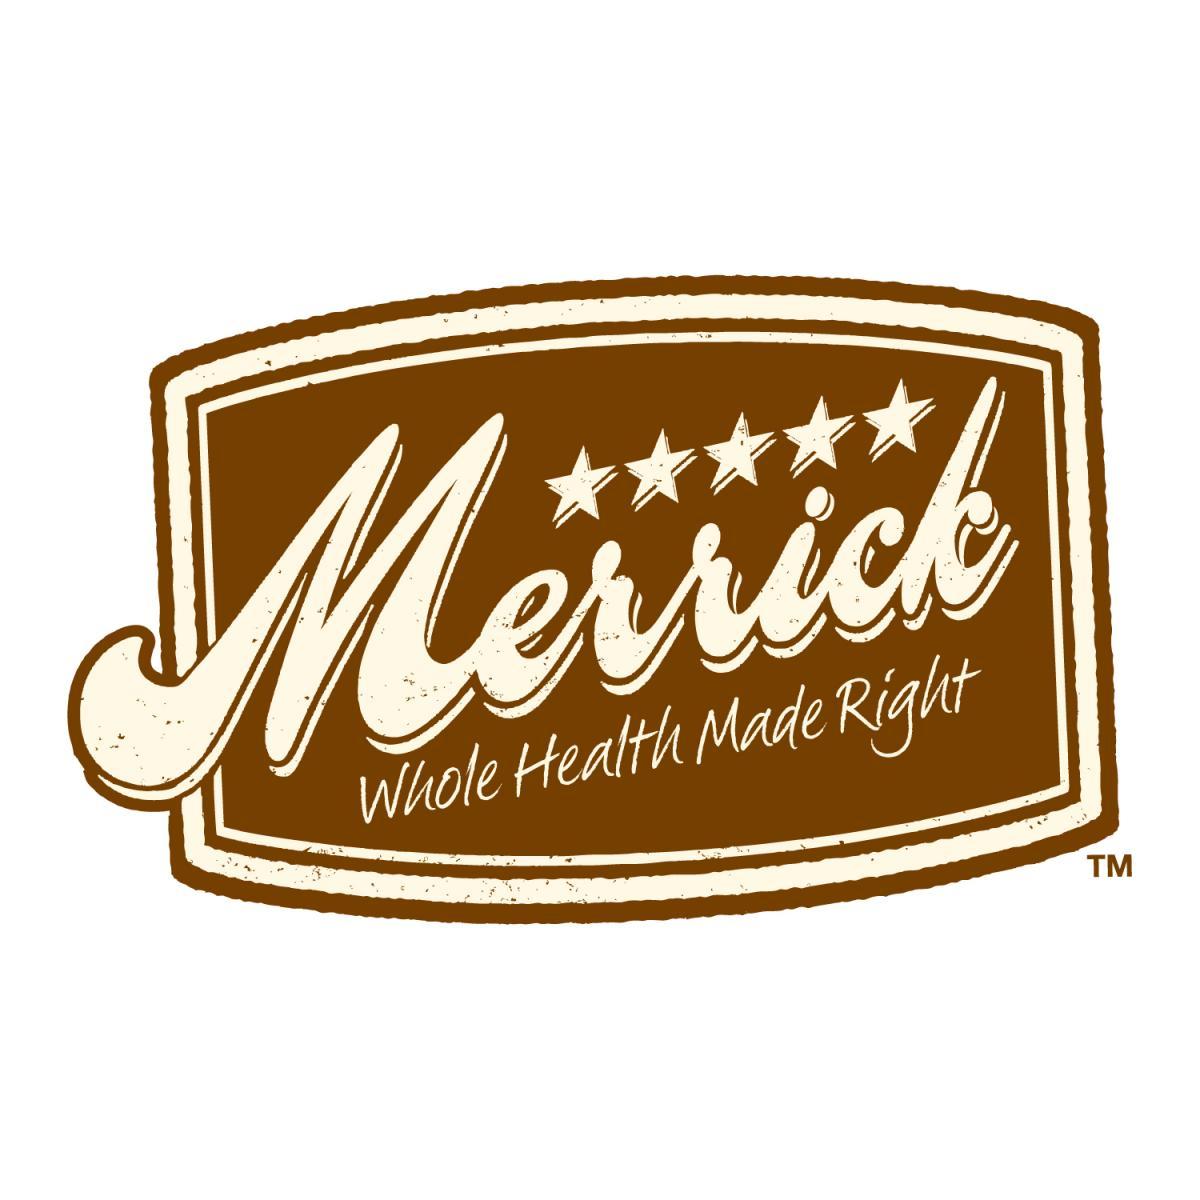 Merrick HIzDeD